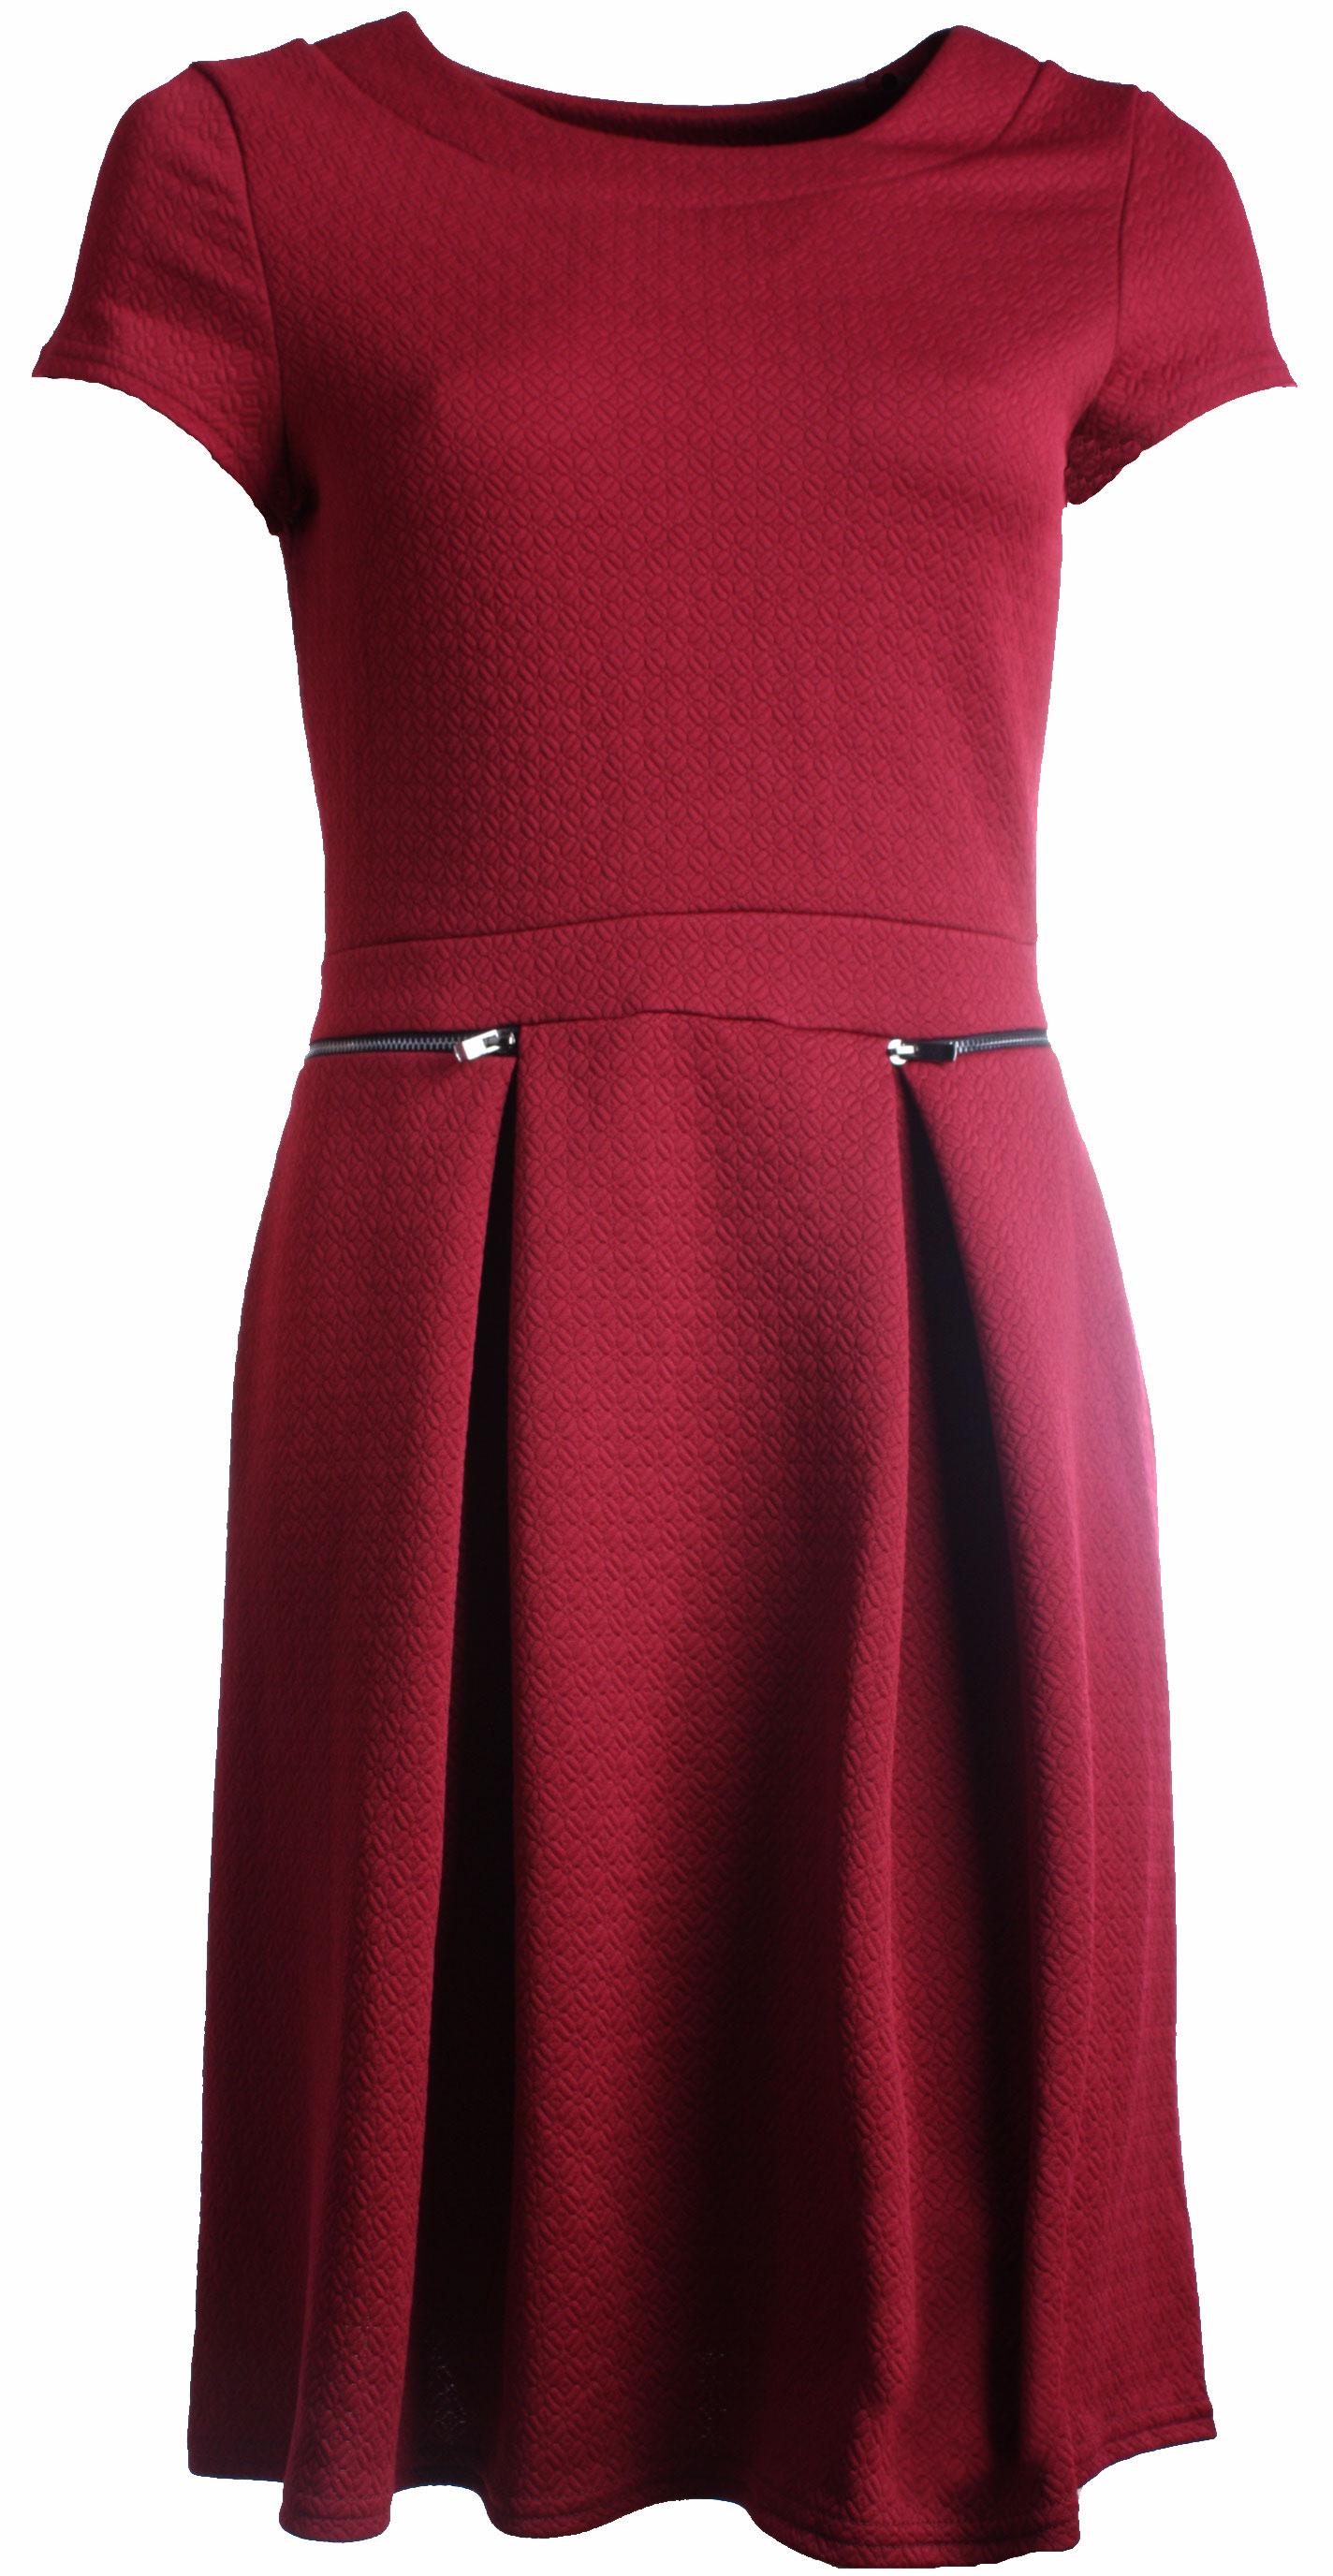 Kleid LUDIVINE Red5